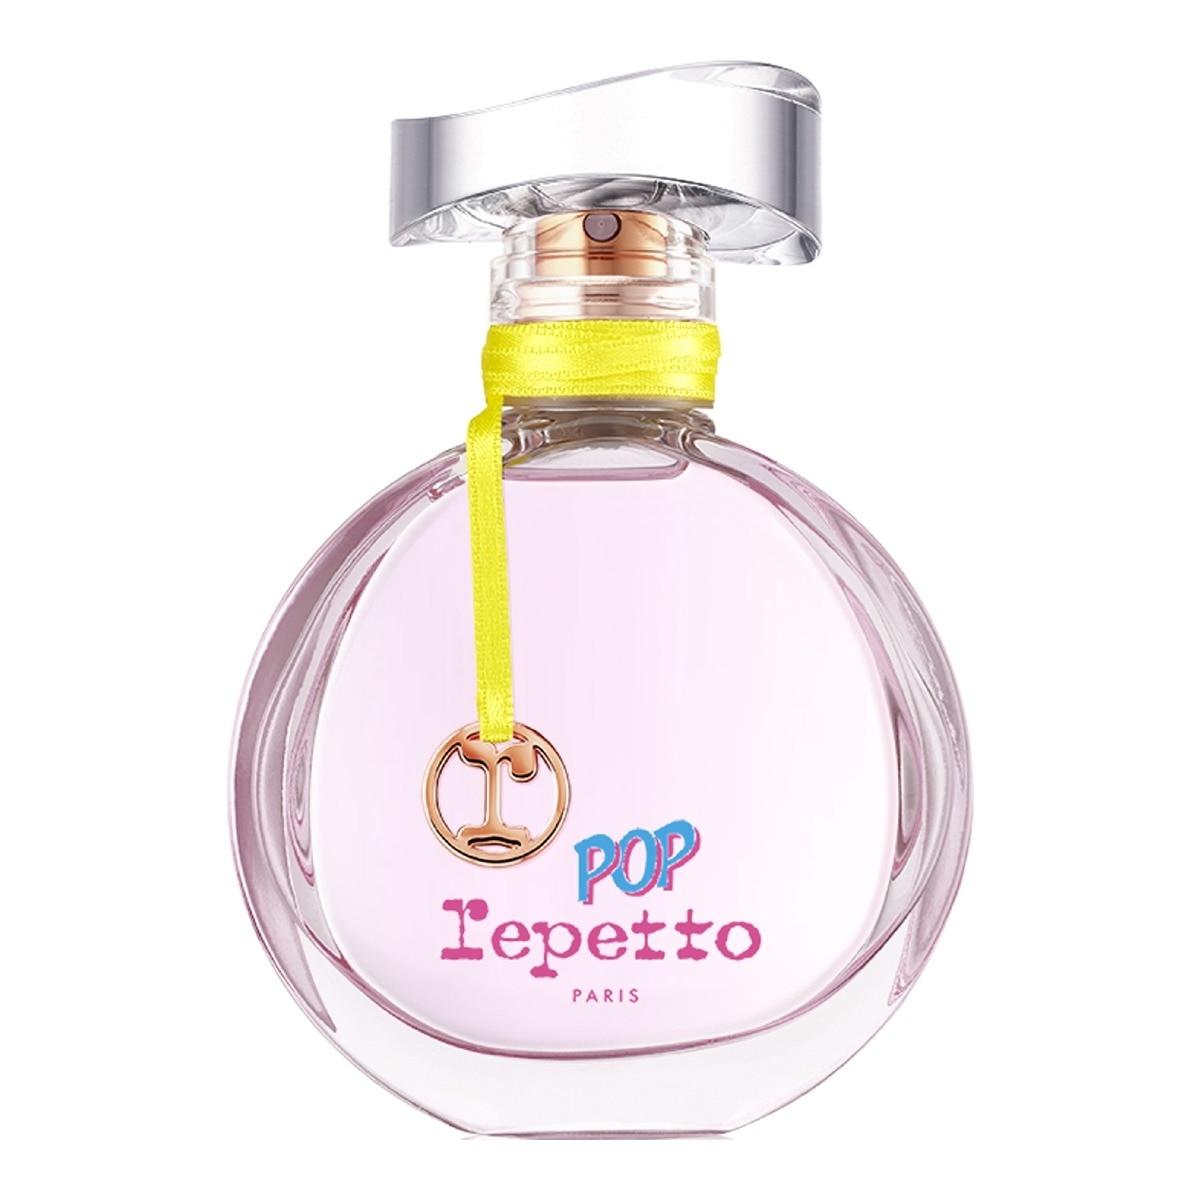 Repetto-Pop-Repetto-Flacon-Eau-de-Toilette.jpg